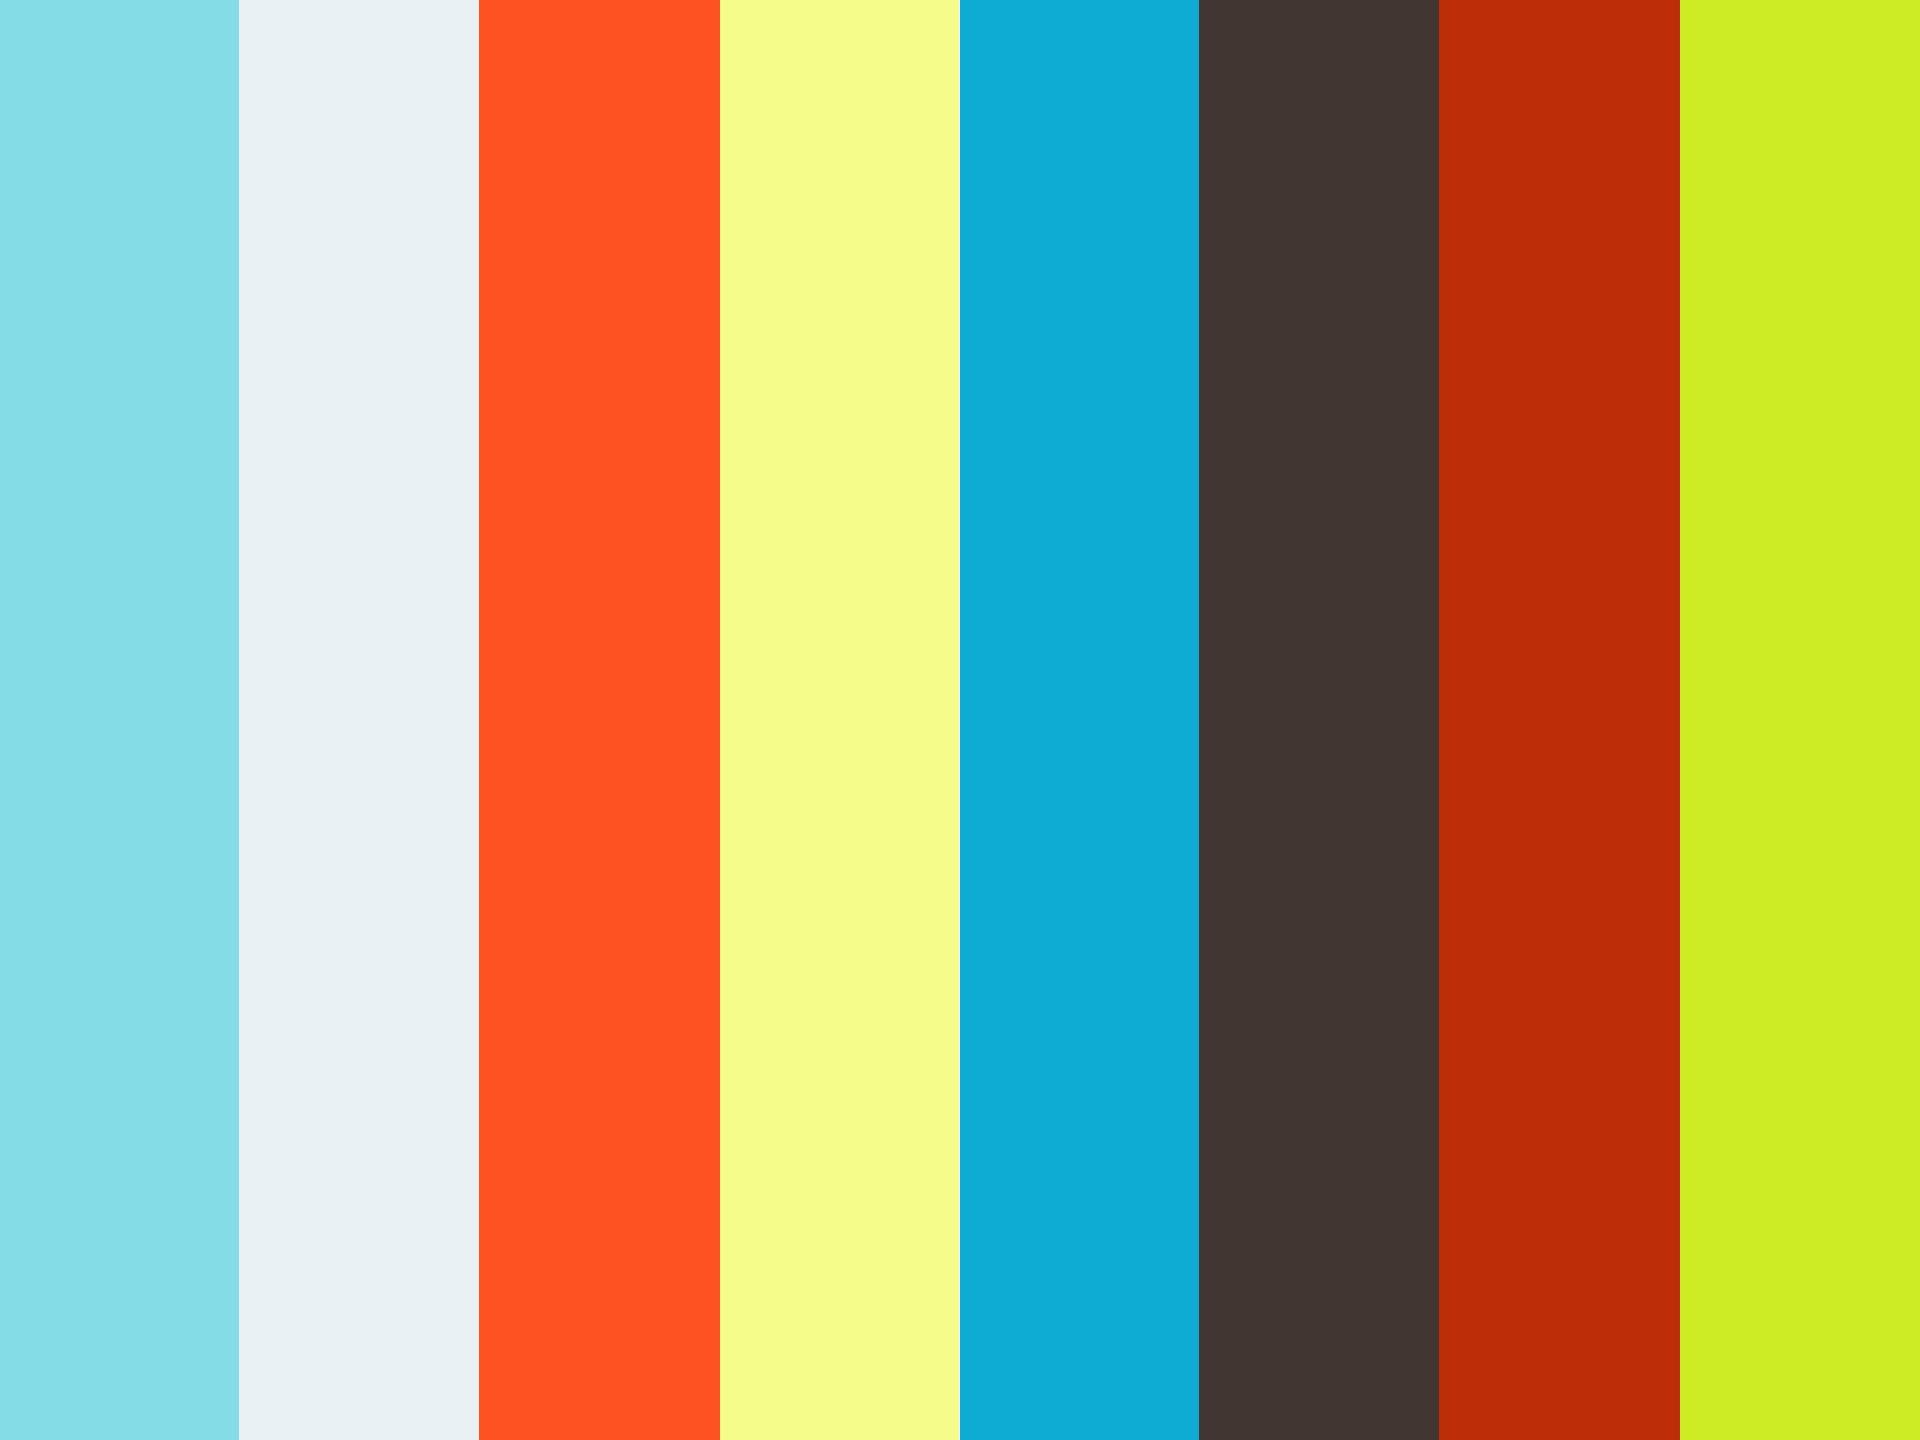 Resultado de imagen para color grading vs color correction